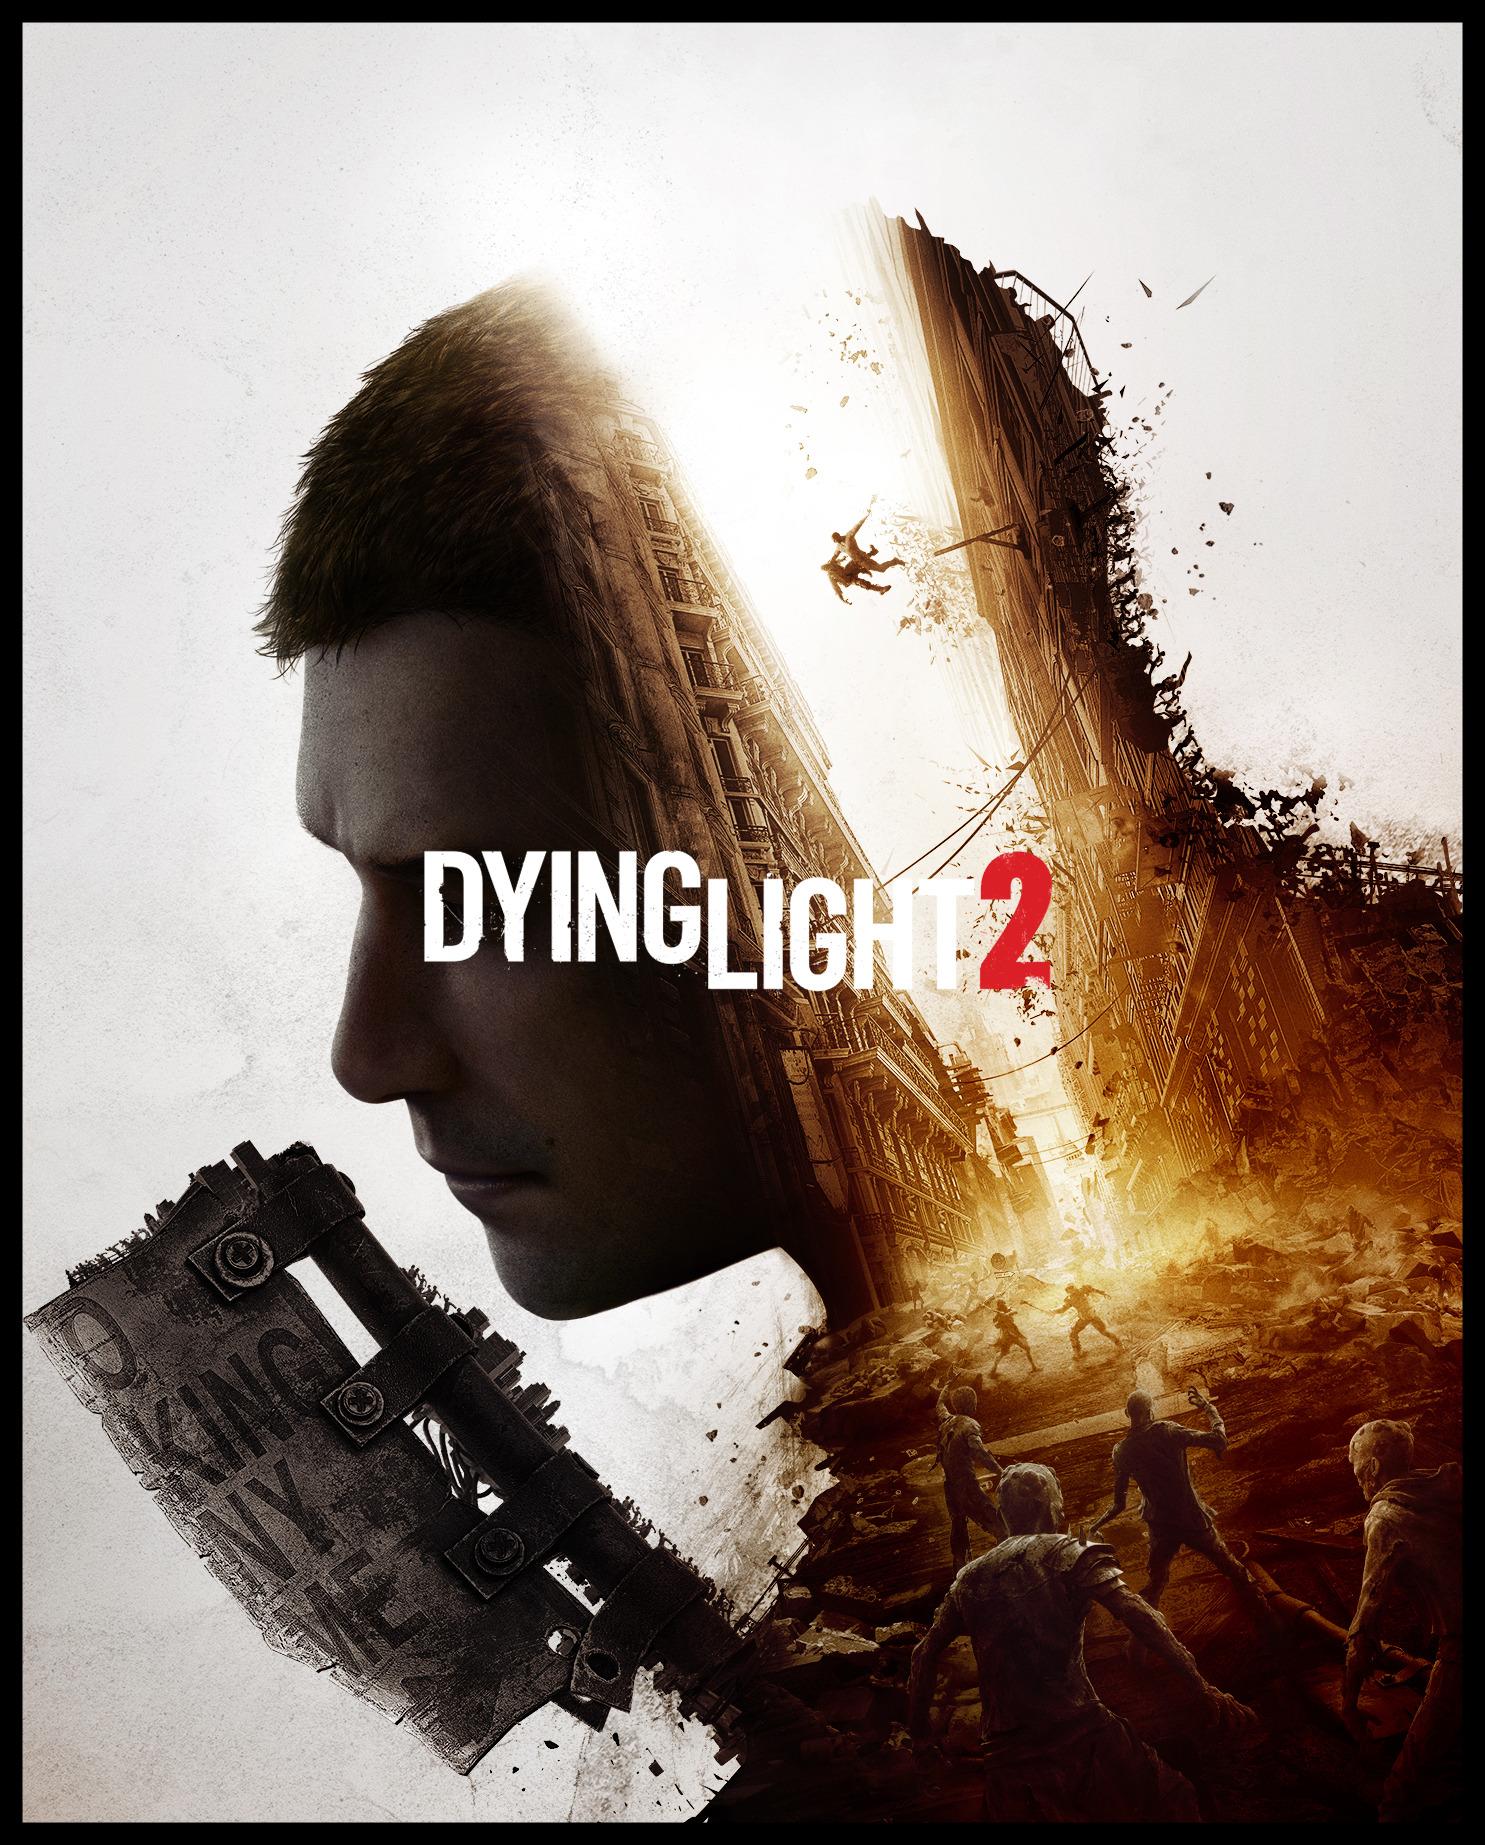 dying light 2 header banner